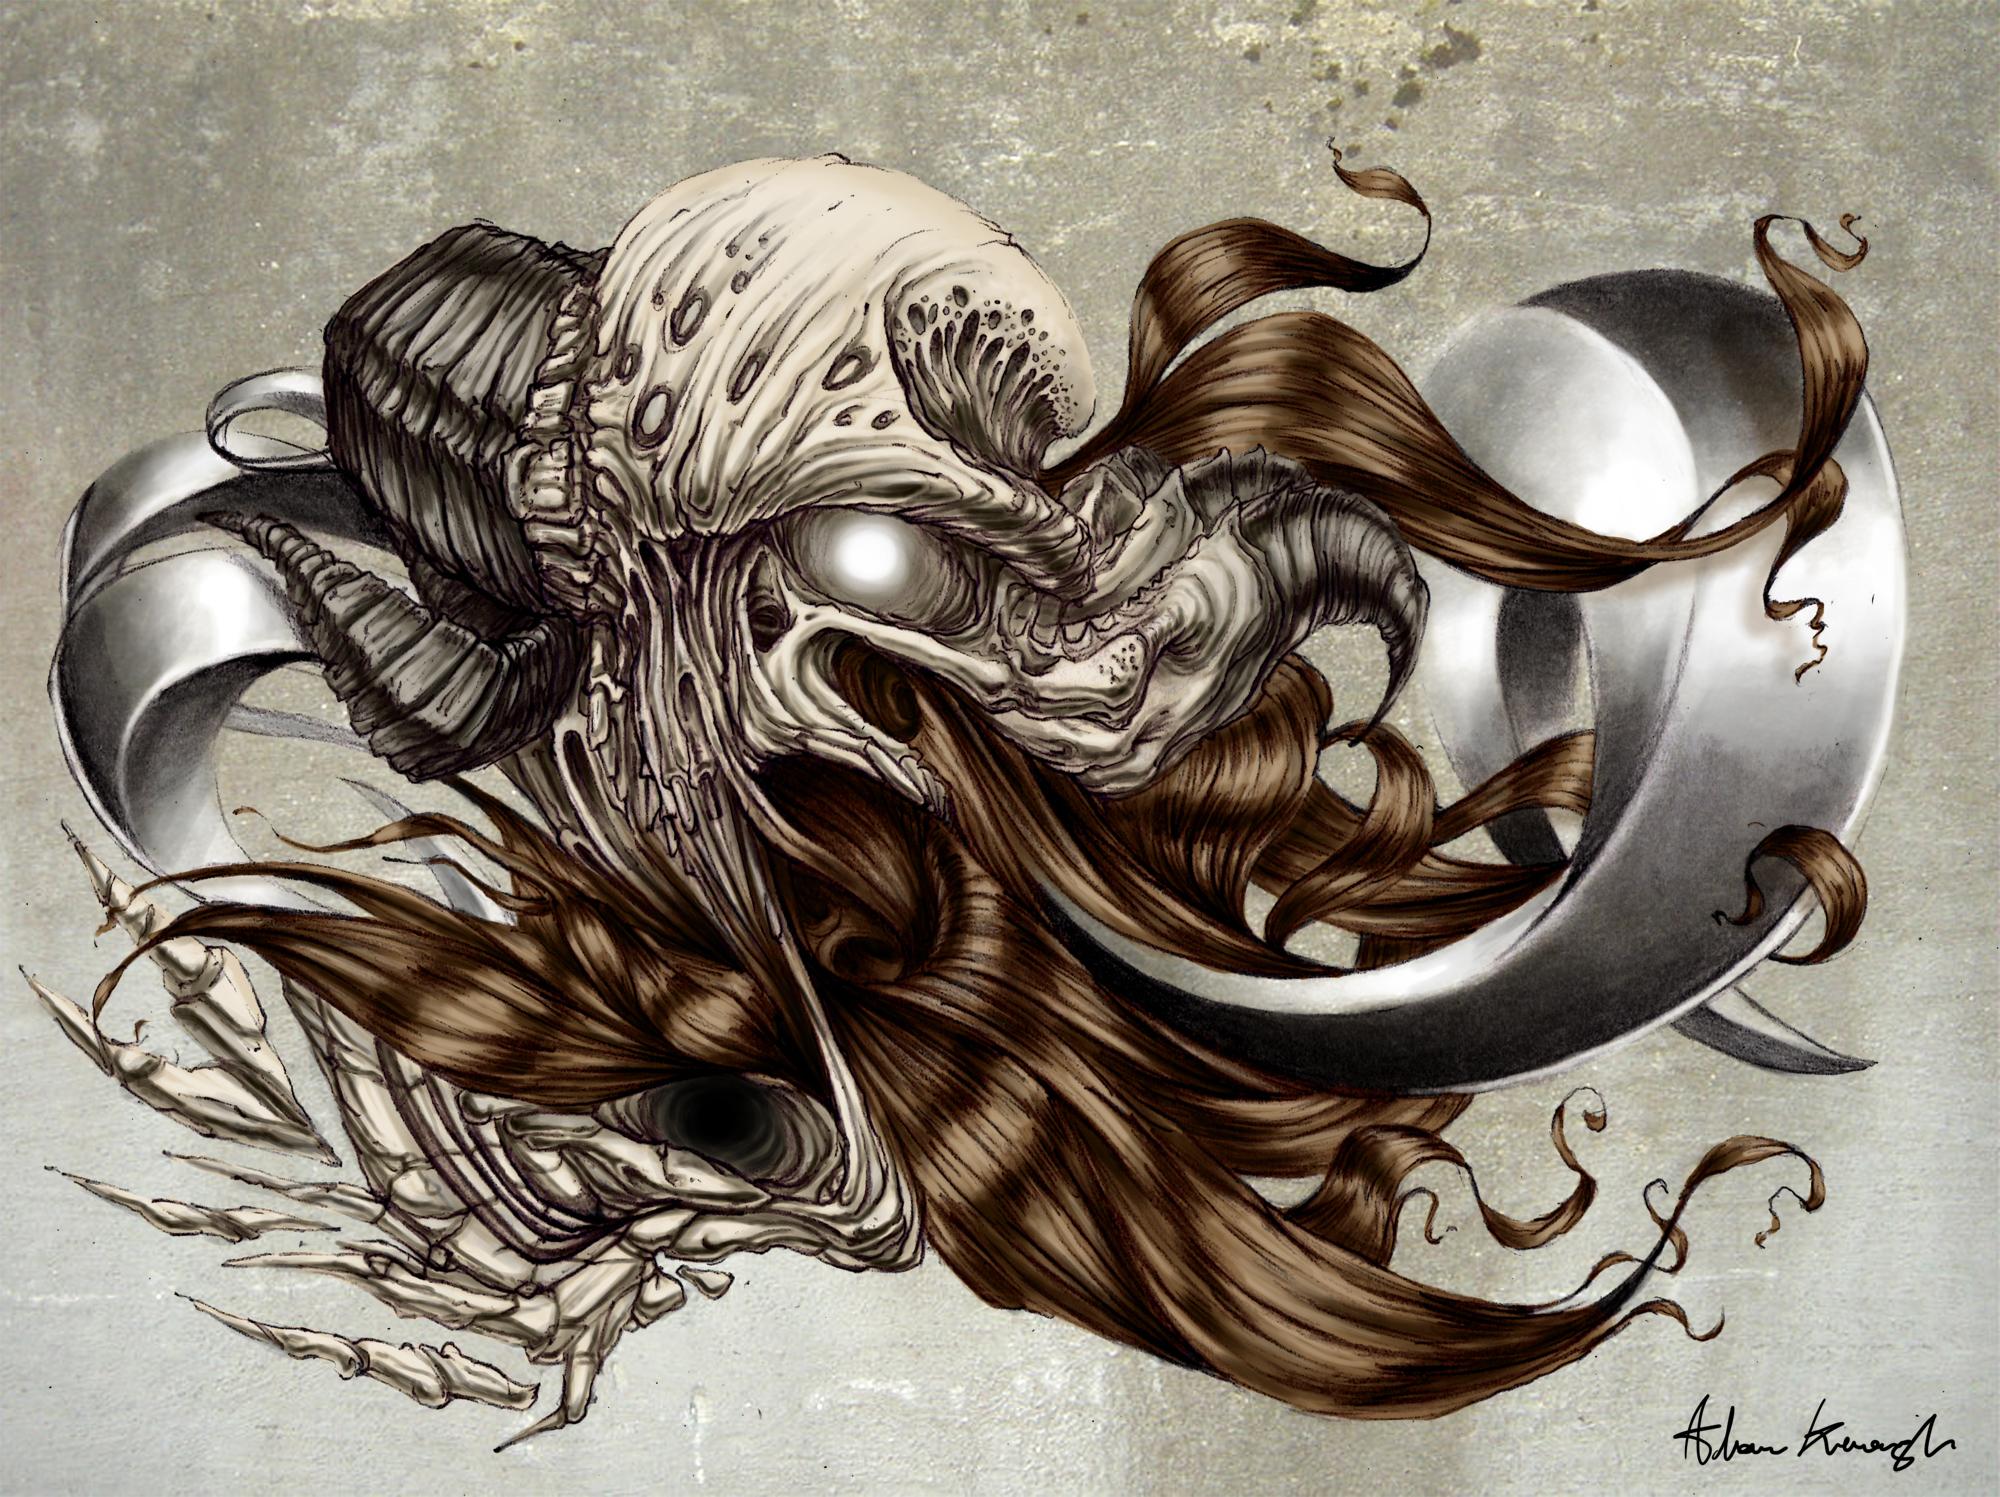 Hair, Bone and Metal